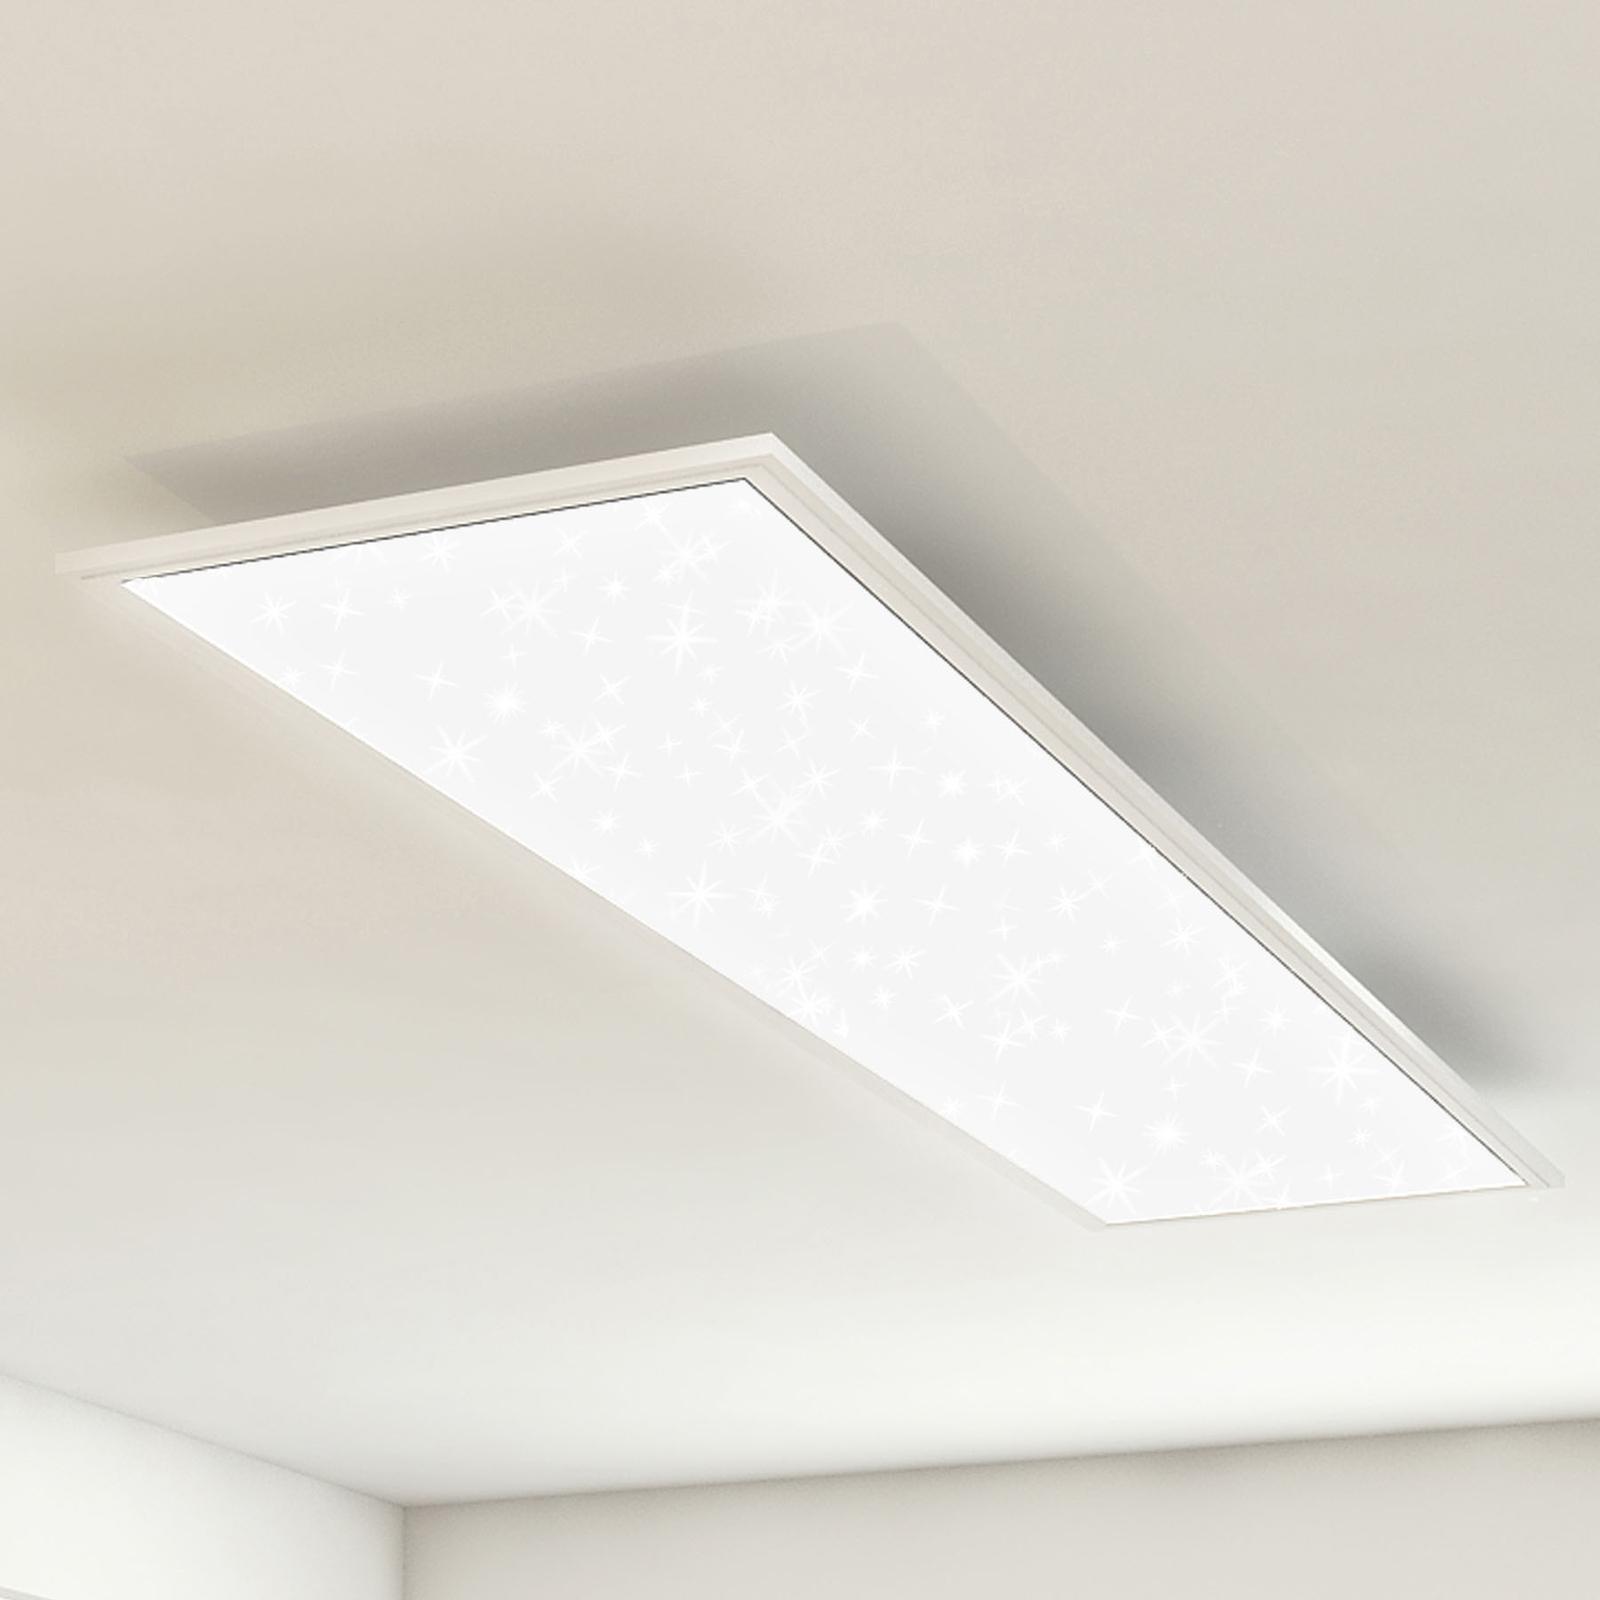 LED-panel stjernehimmel 7393, 119 x 29 cm